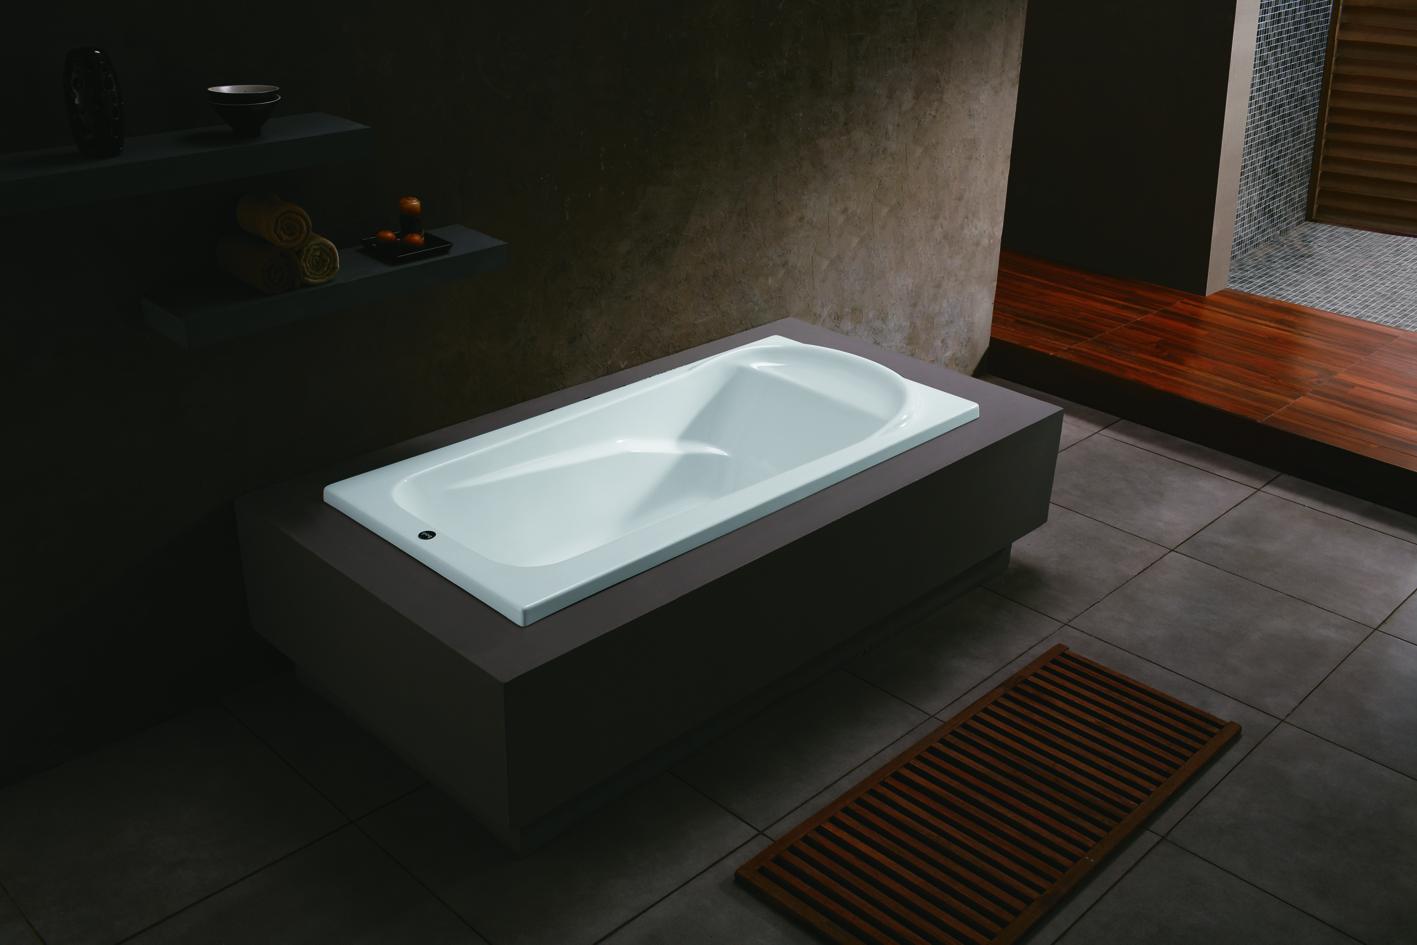 Tina de baño de 1.70x 0.75